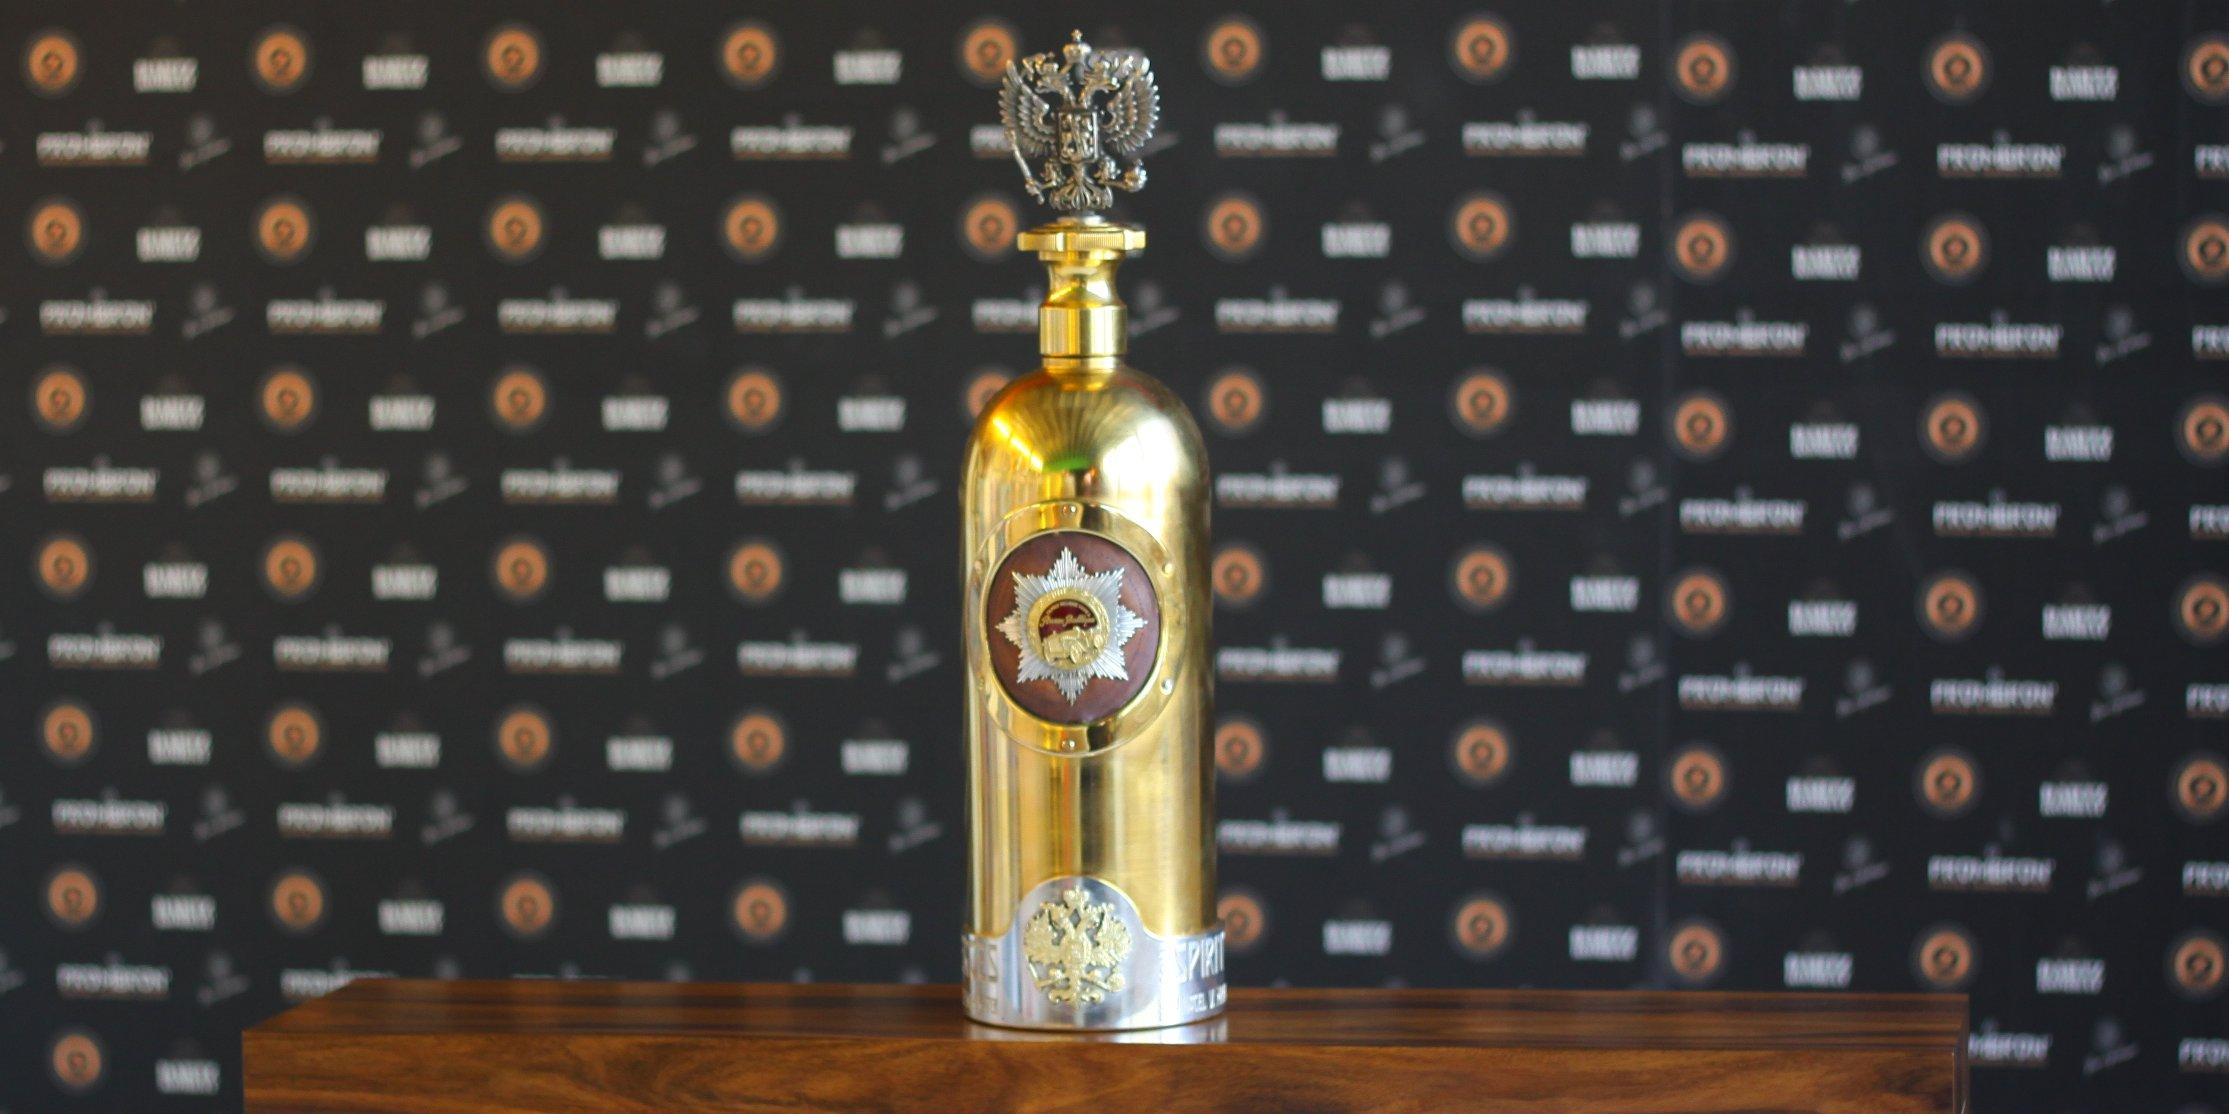 世界最贵的一瓶伏特加被盗 ,价值1000万人民币!